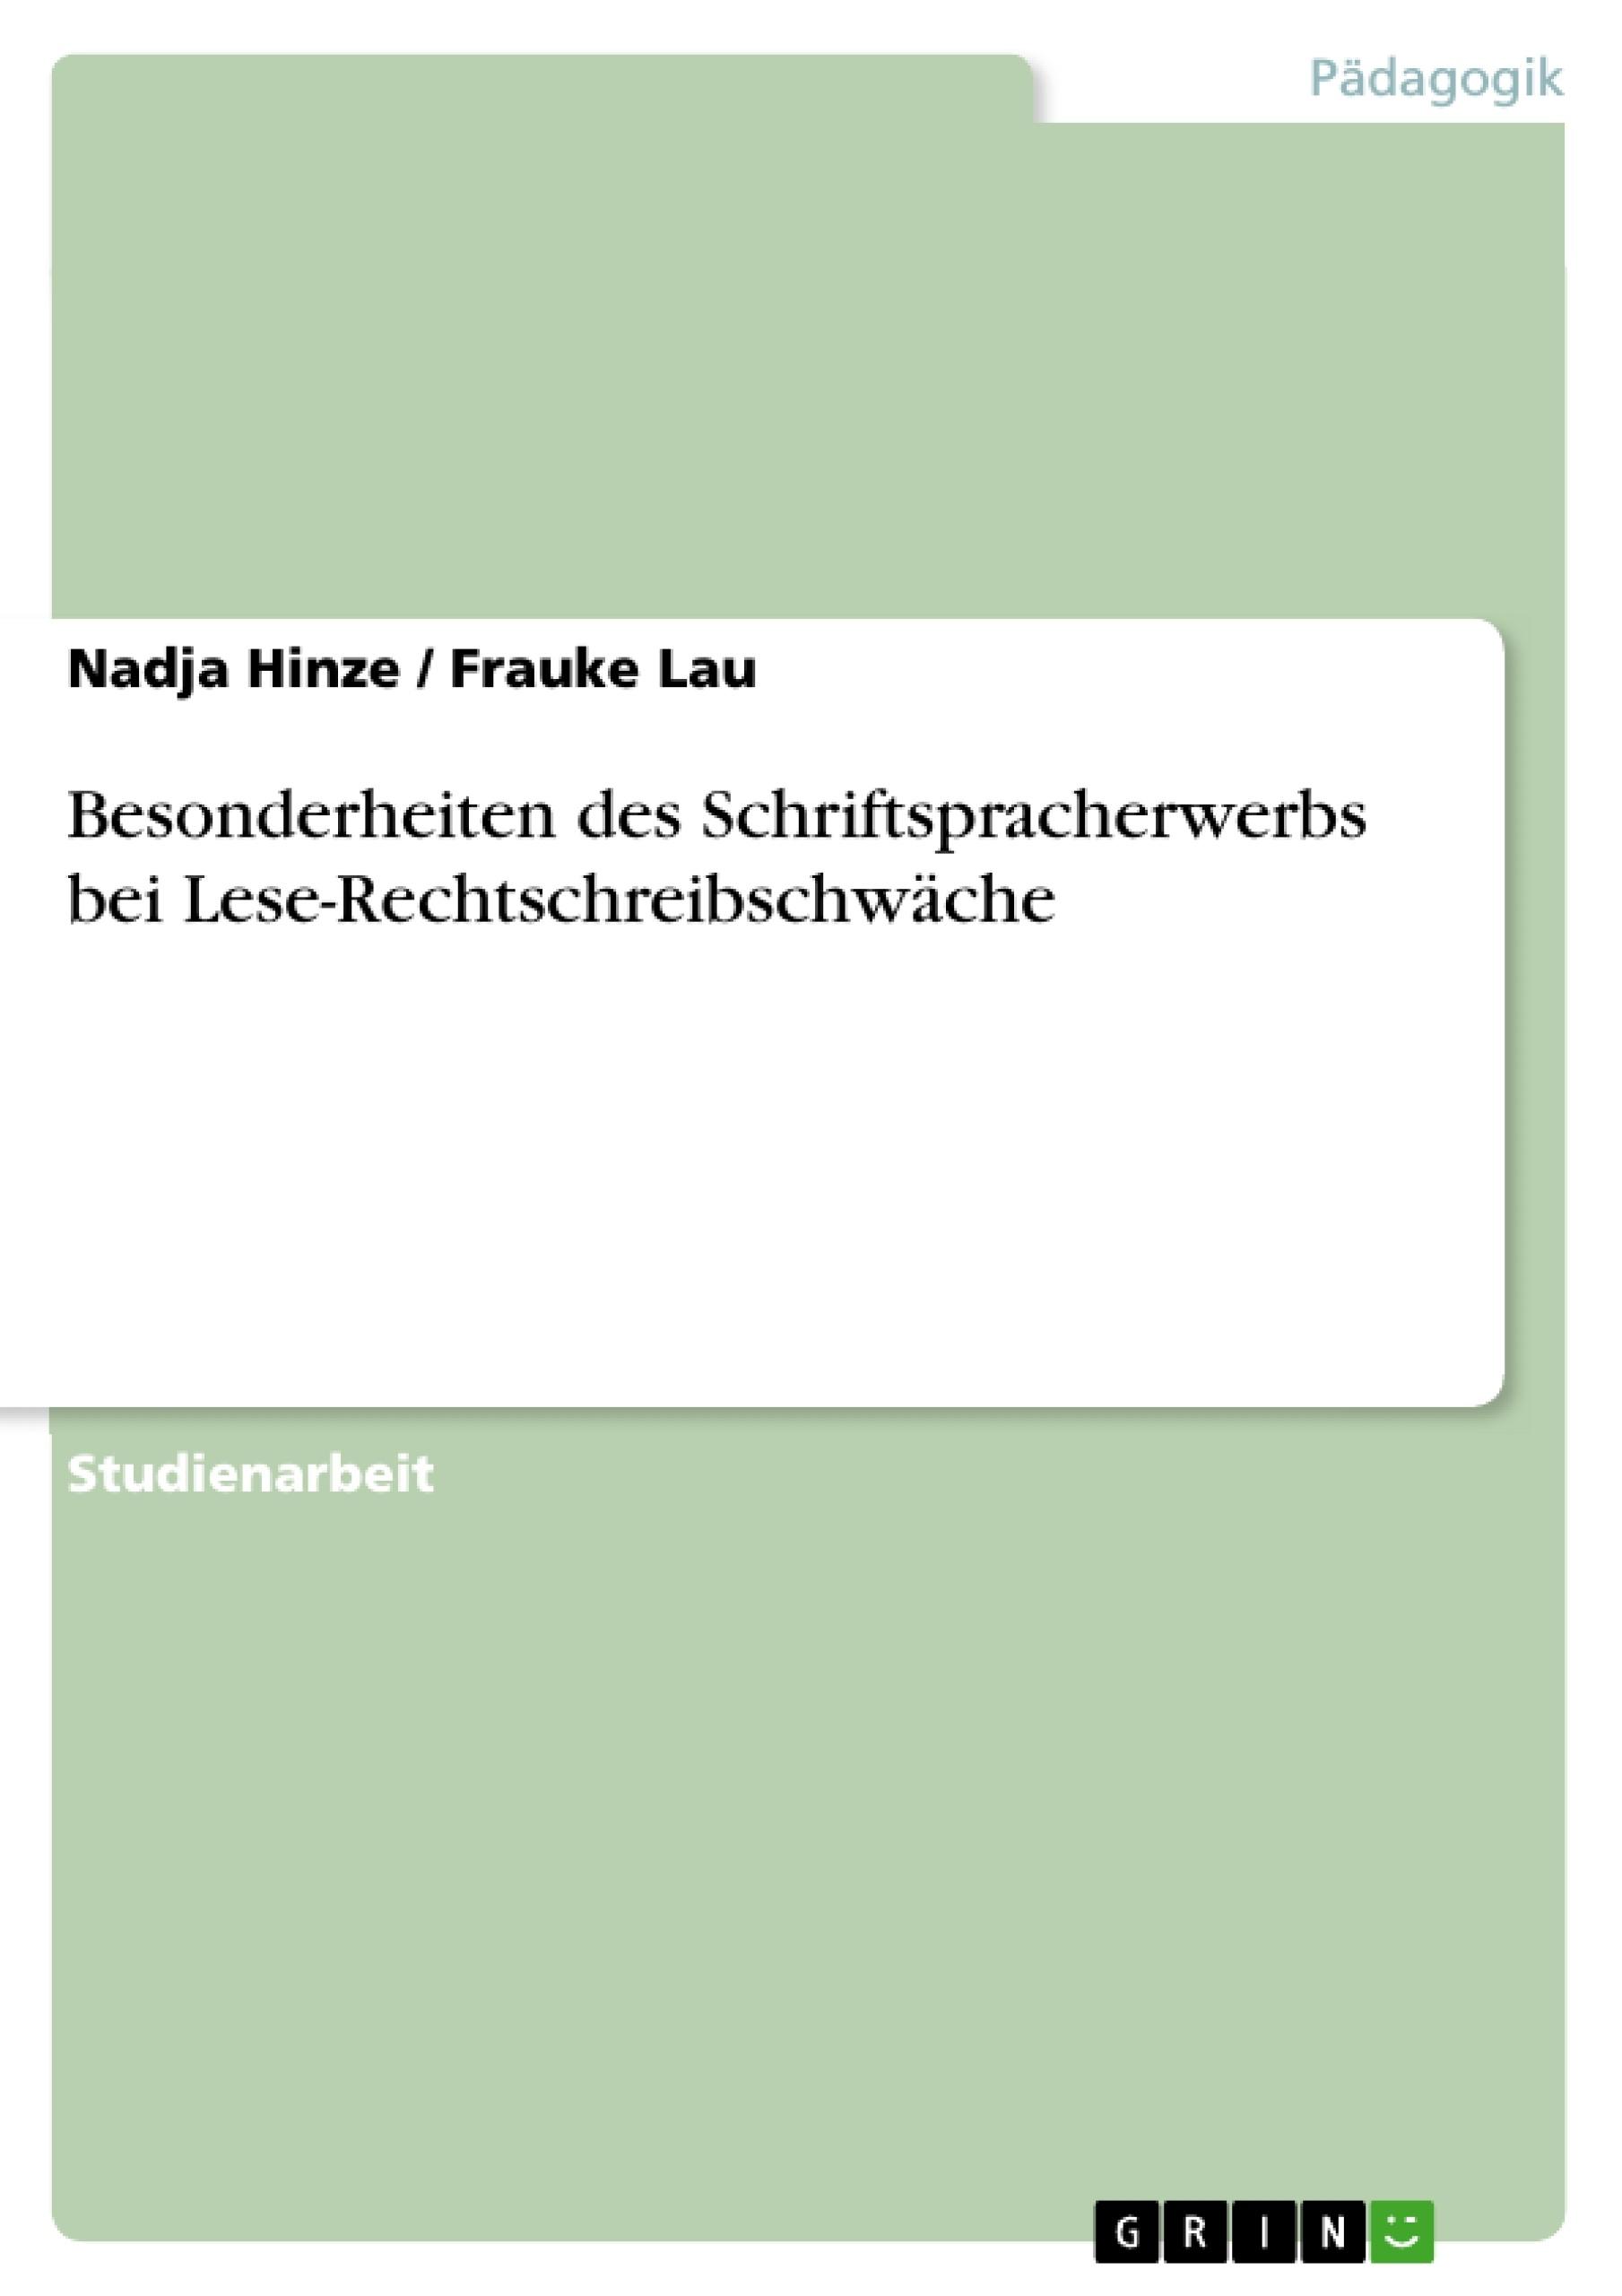 Titel: Besonderheiten des Schriftspracherwerbs bei Lese-Rechtschreibschwäche